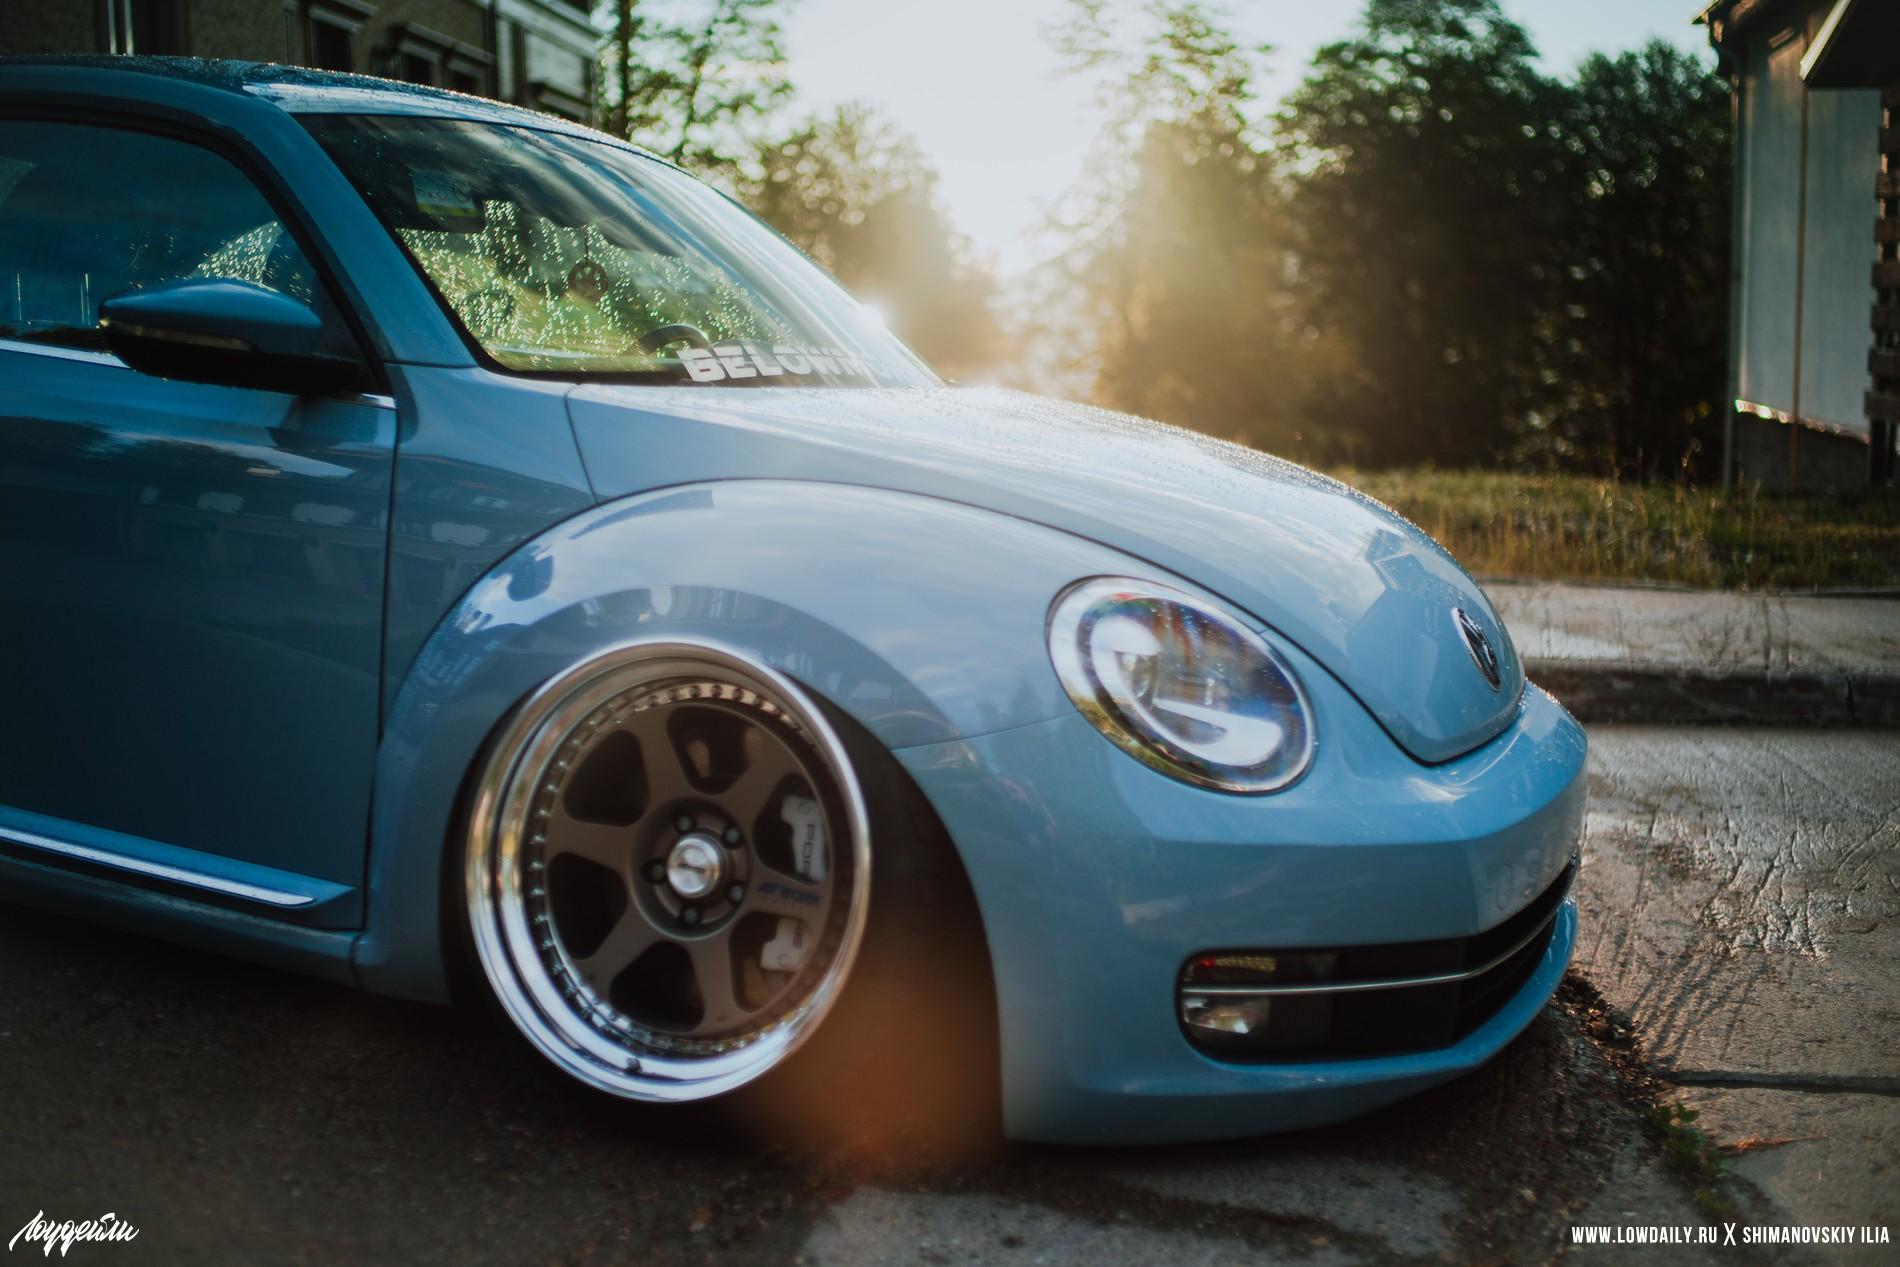 Volkswagen Beetle - BELOWMORE DSC04840